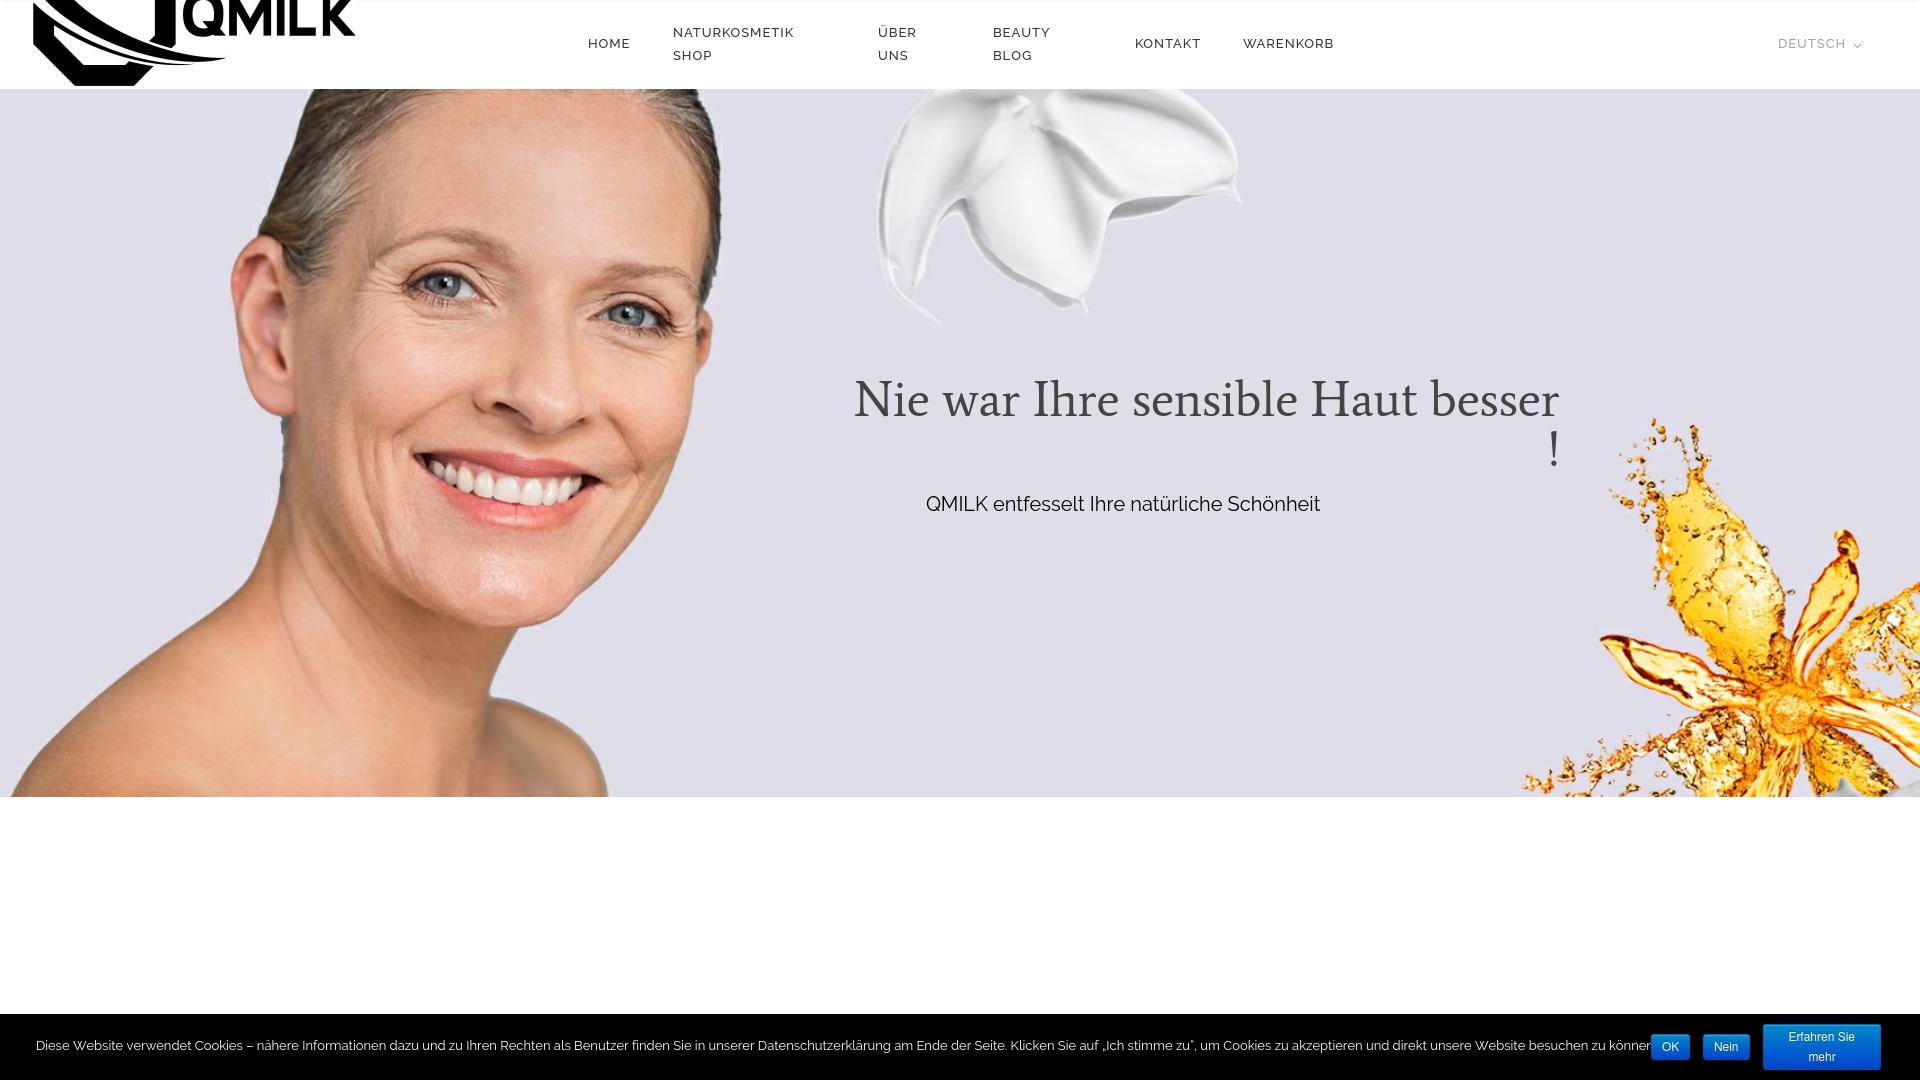 Gutschein für Qmilk-cosmetics: Rabatte für  Qmilk-cosmetics sichern